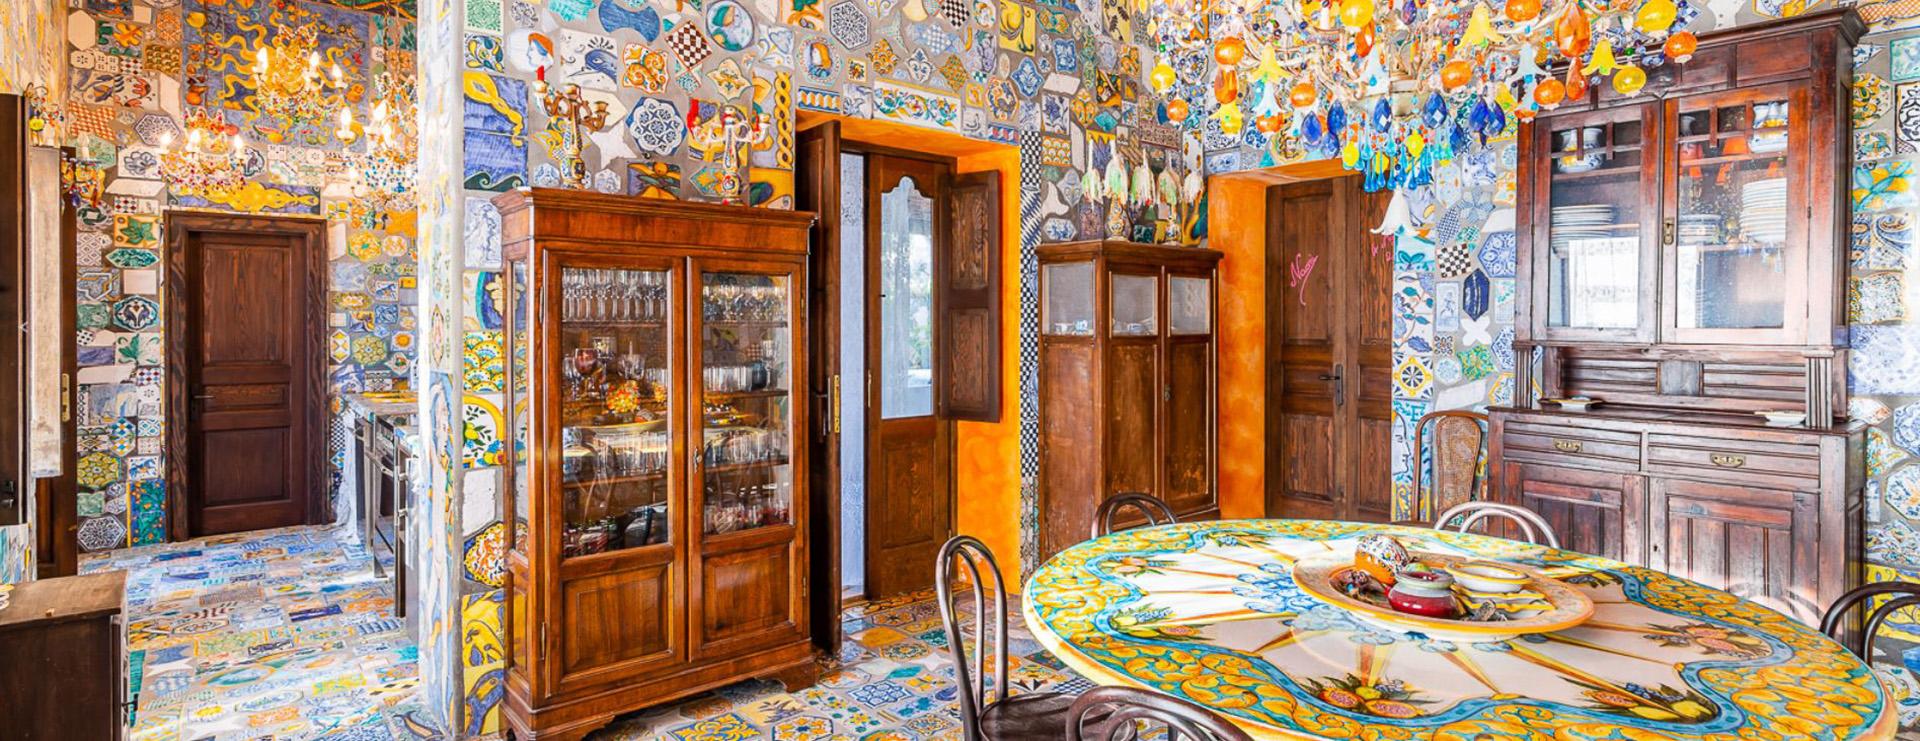 Mientras que desde el exterior, esta extraordinaria propiedad parece una gran villa típica siciliana, el interior revela su personalidad y muestra el estilo distintivo de Dolce & Gabbana